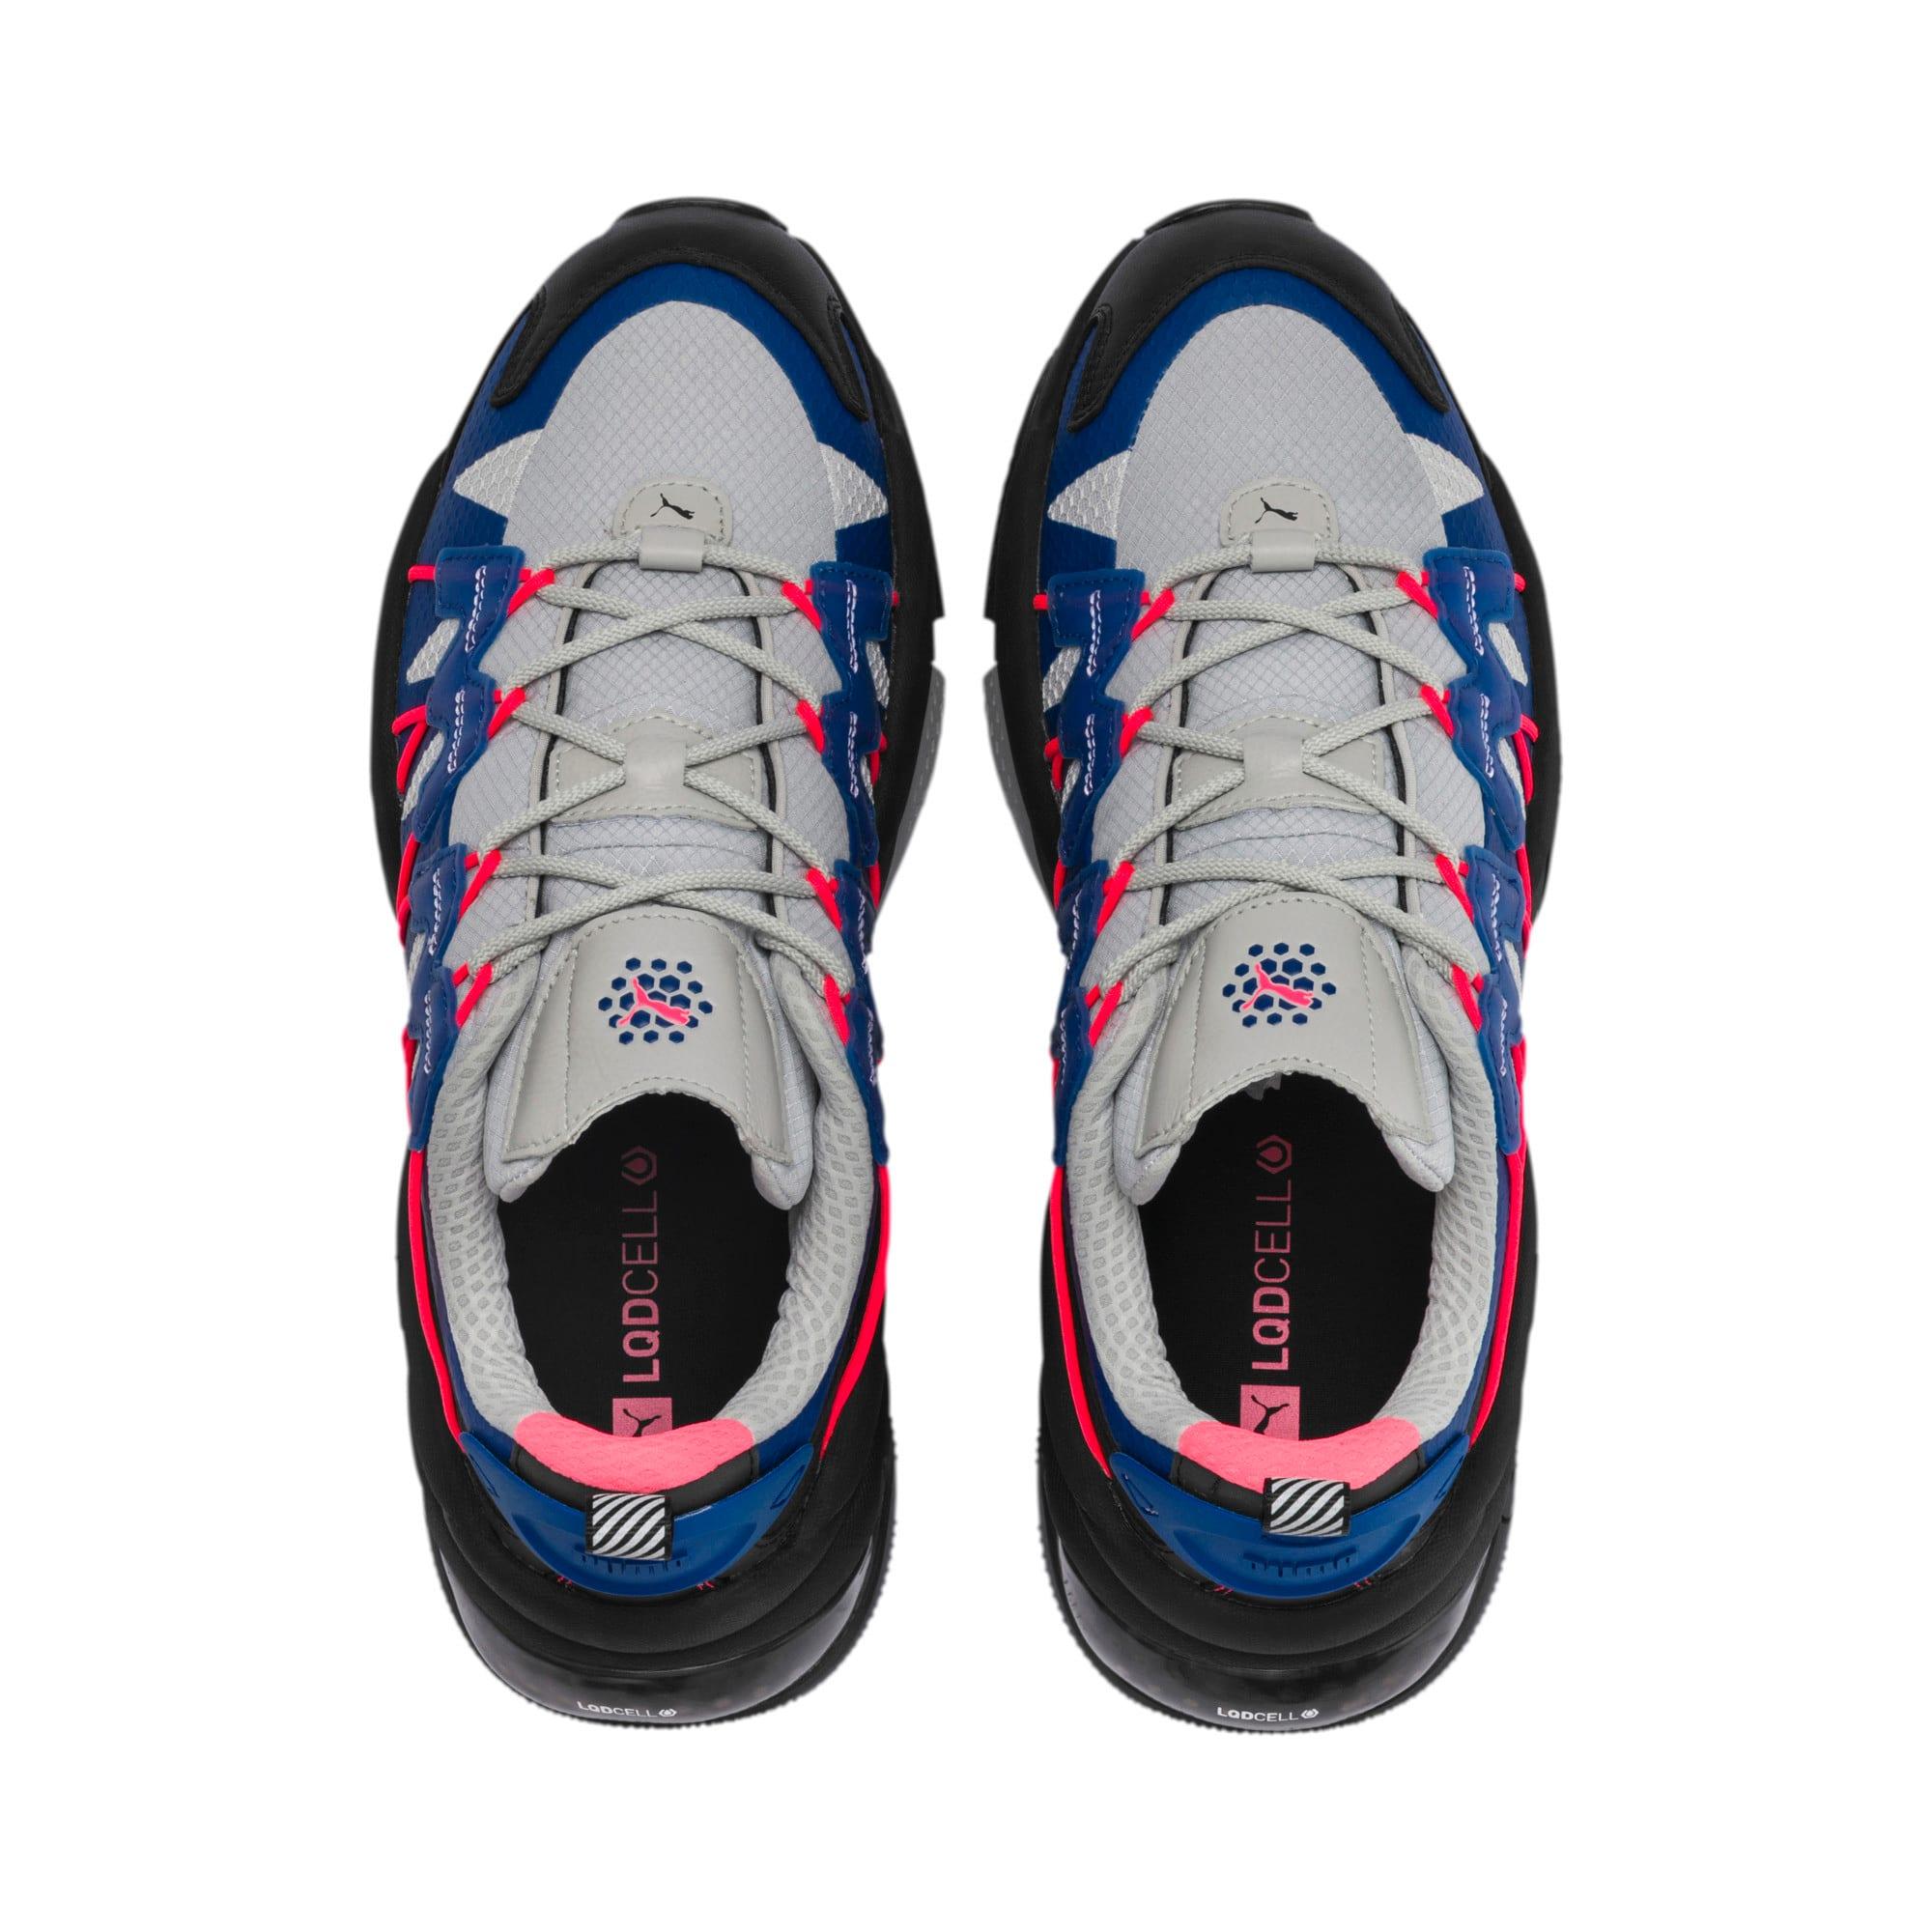 Thumbnail 6 of LQDCELL Omega Lab Training Shoes, Puma Black-Galaxy Blue, medium